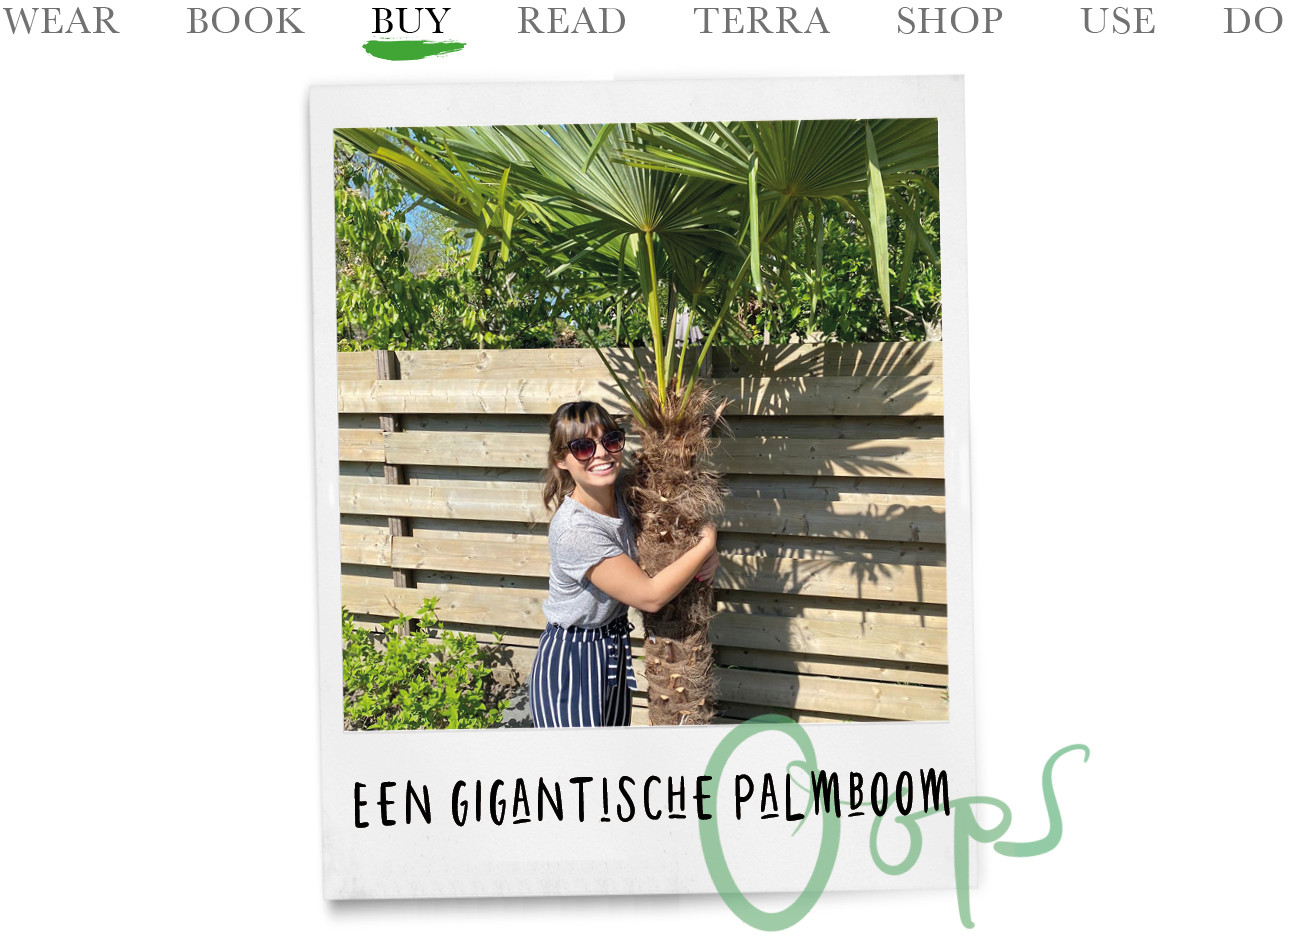 Kiki knuffelen met een grote palmboom in haar tuin